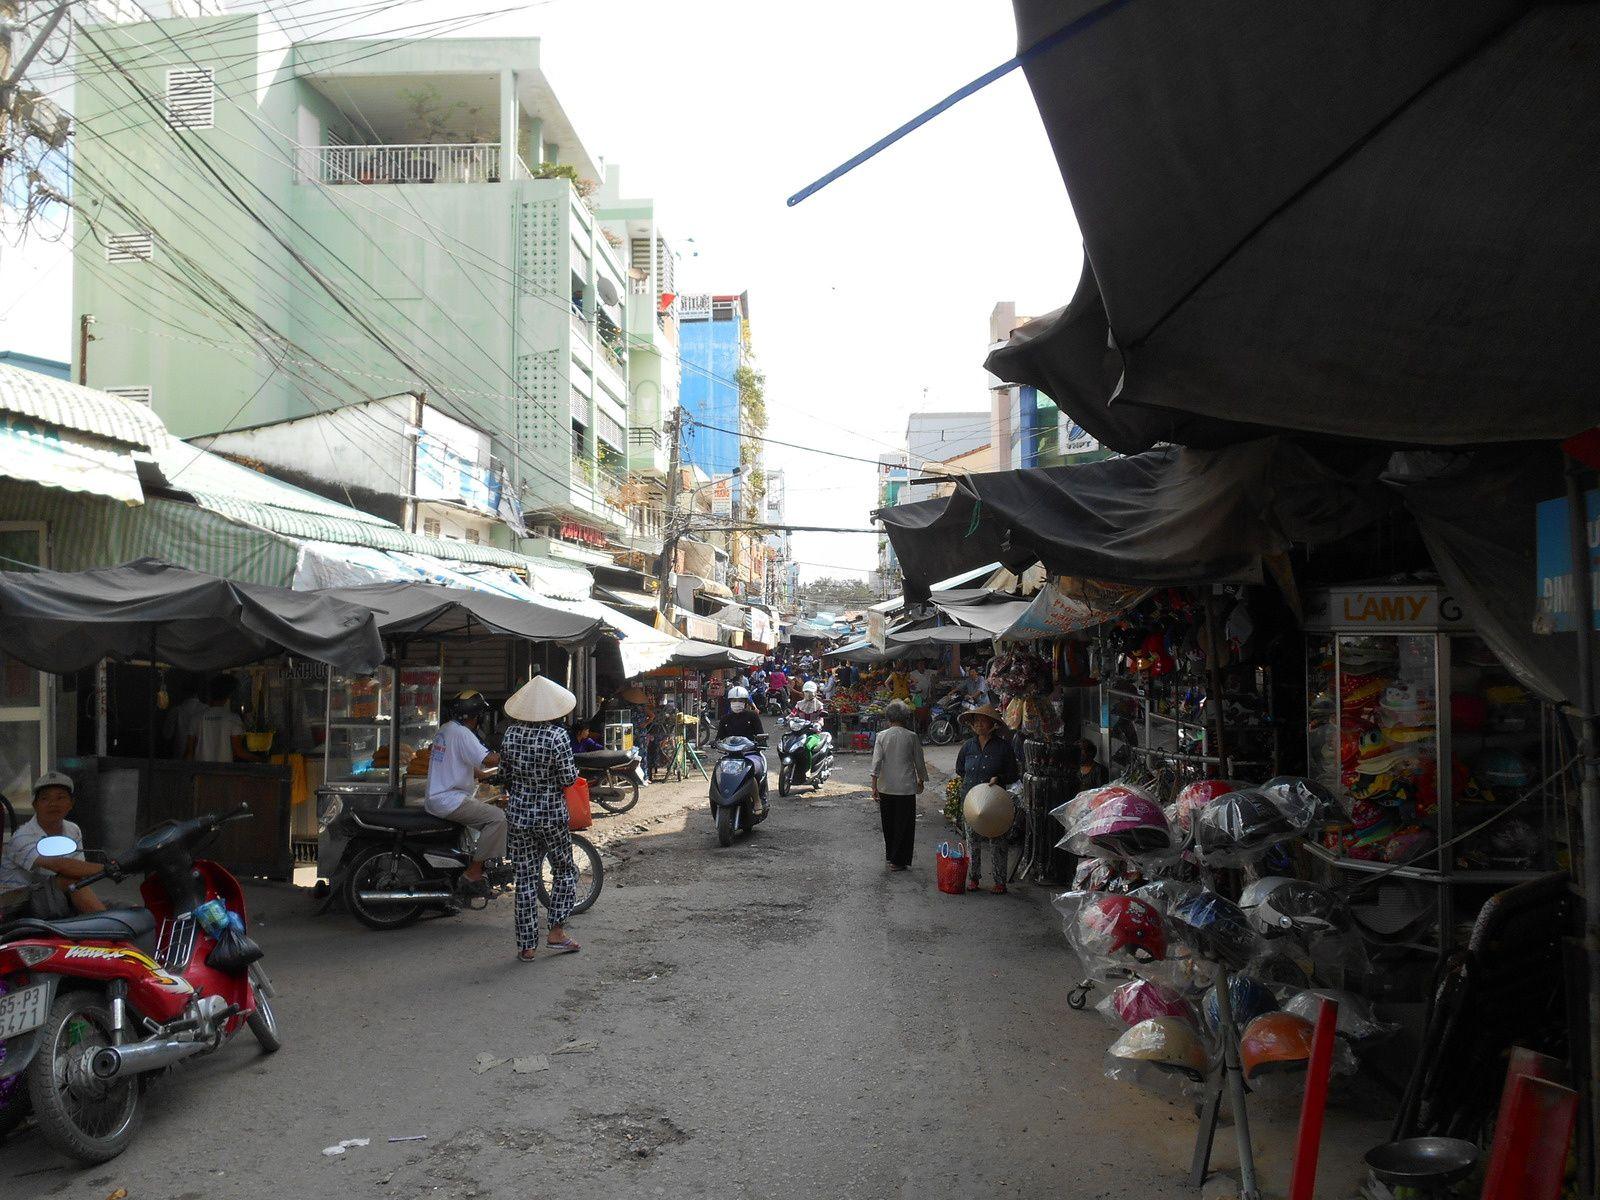 Rue principale du marché où se croisent piétons, mobylettes, vélos...